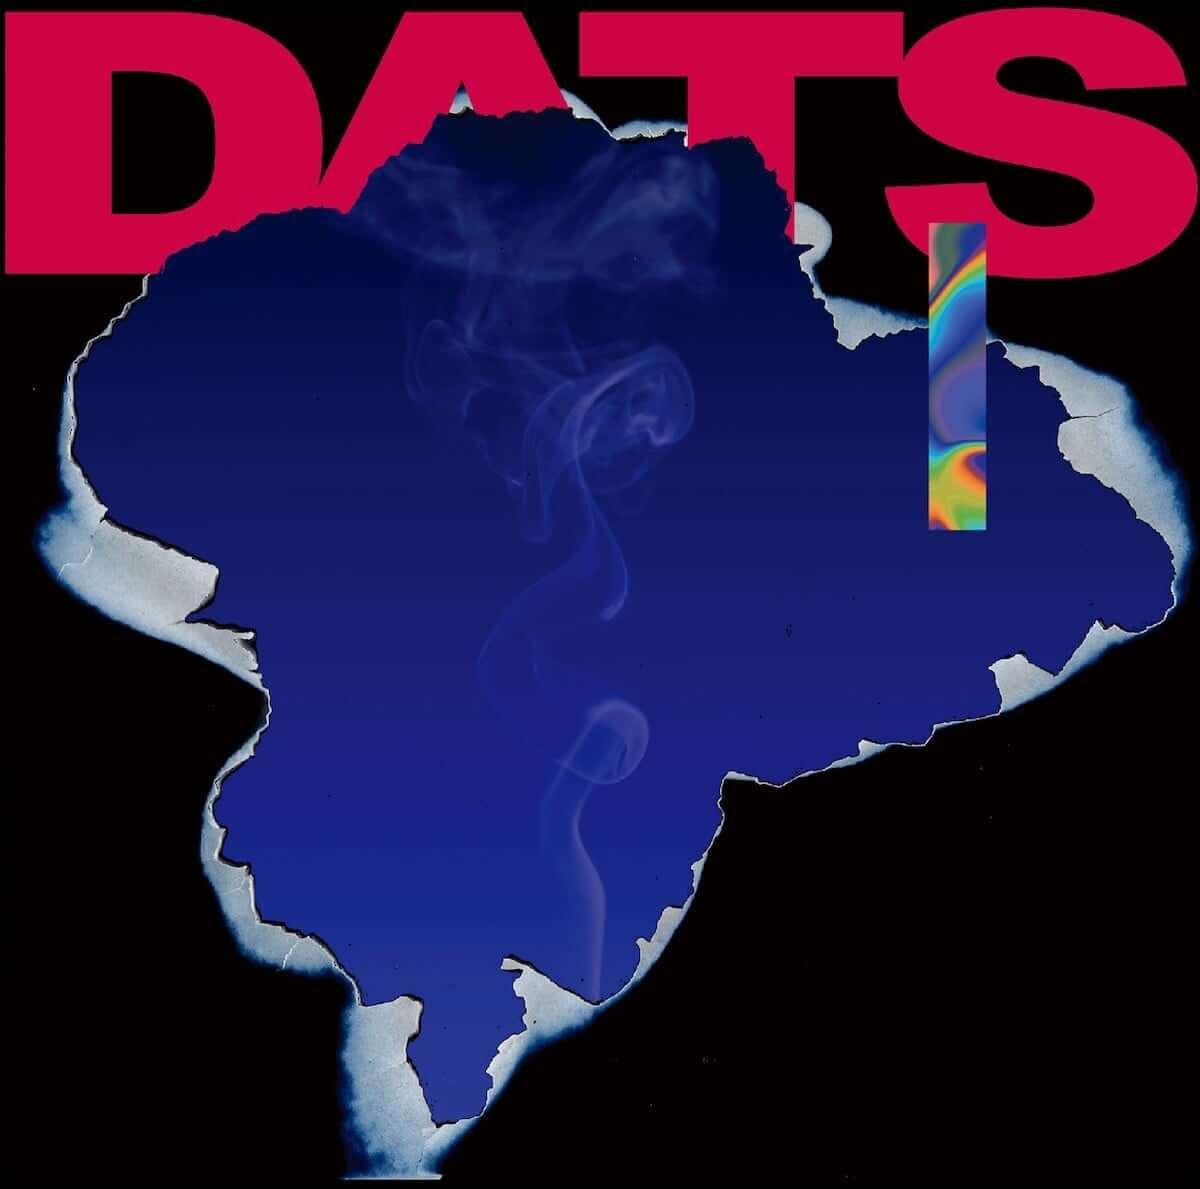 DATS、新曲「オドラサレテル」の先行配信がスタート|予告ティザーも公開 music190423_dats_1-1200x1189